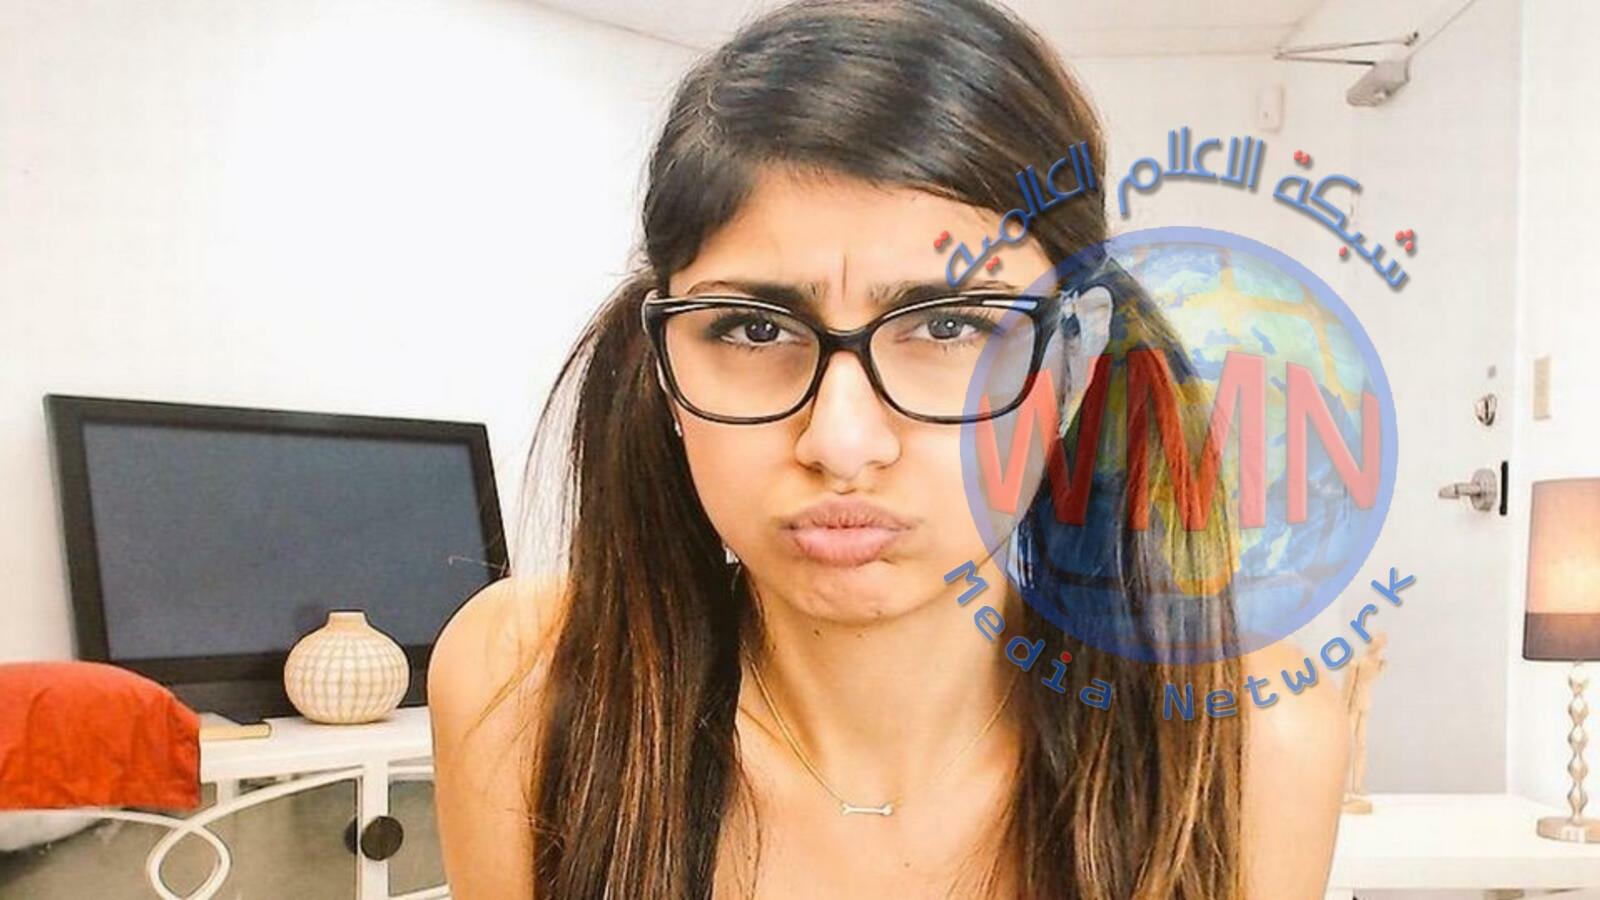 ميا خليفة: تكشف عن حجم المبالغ التي جنتها من الافلام الاباحية